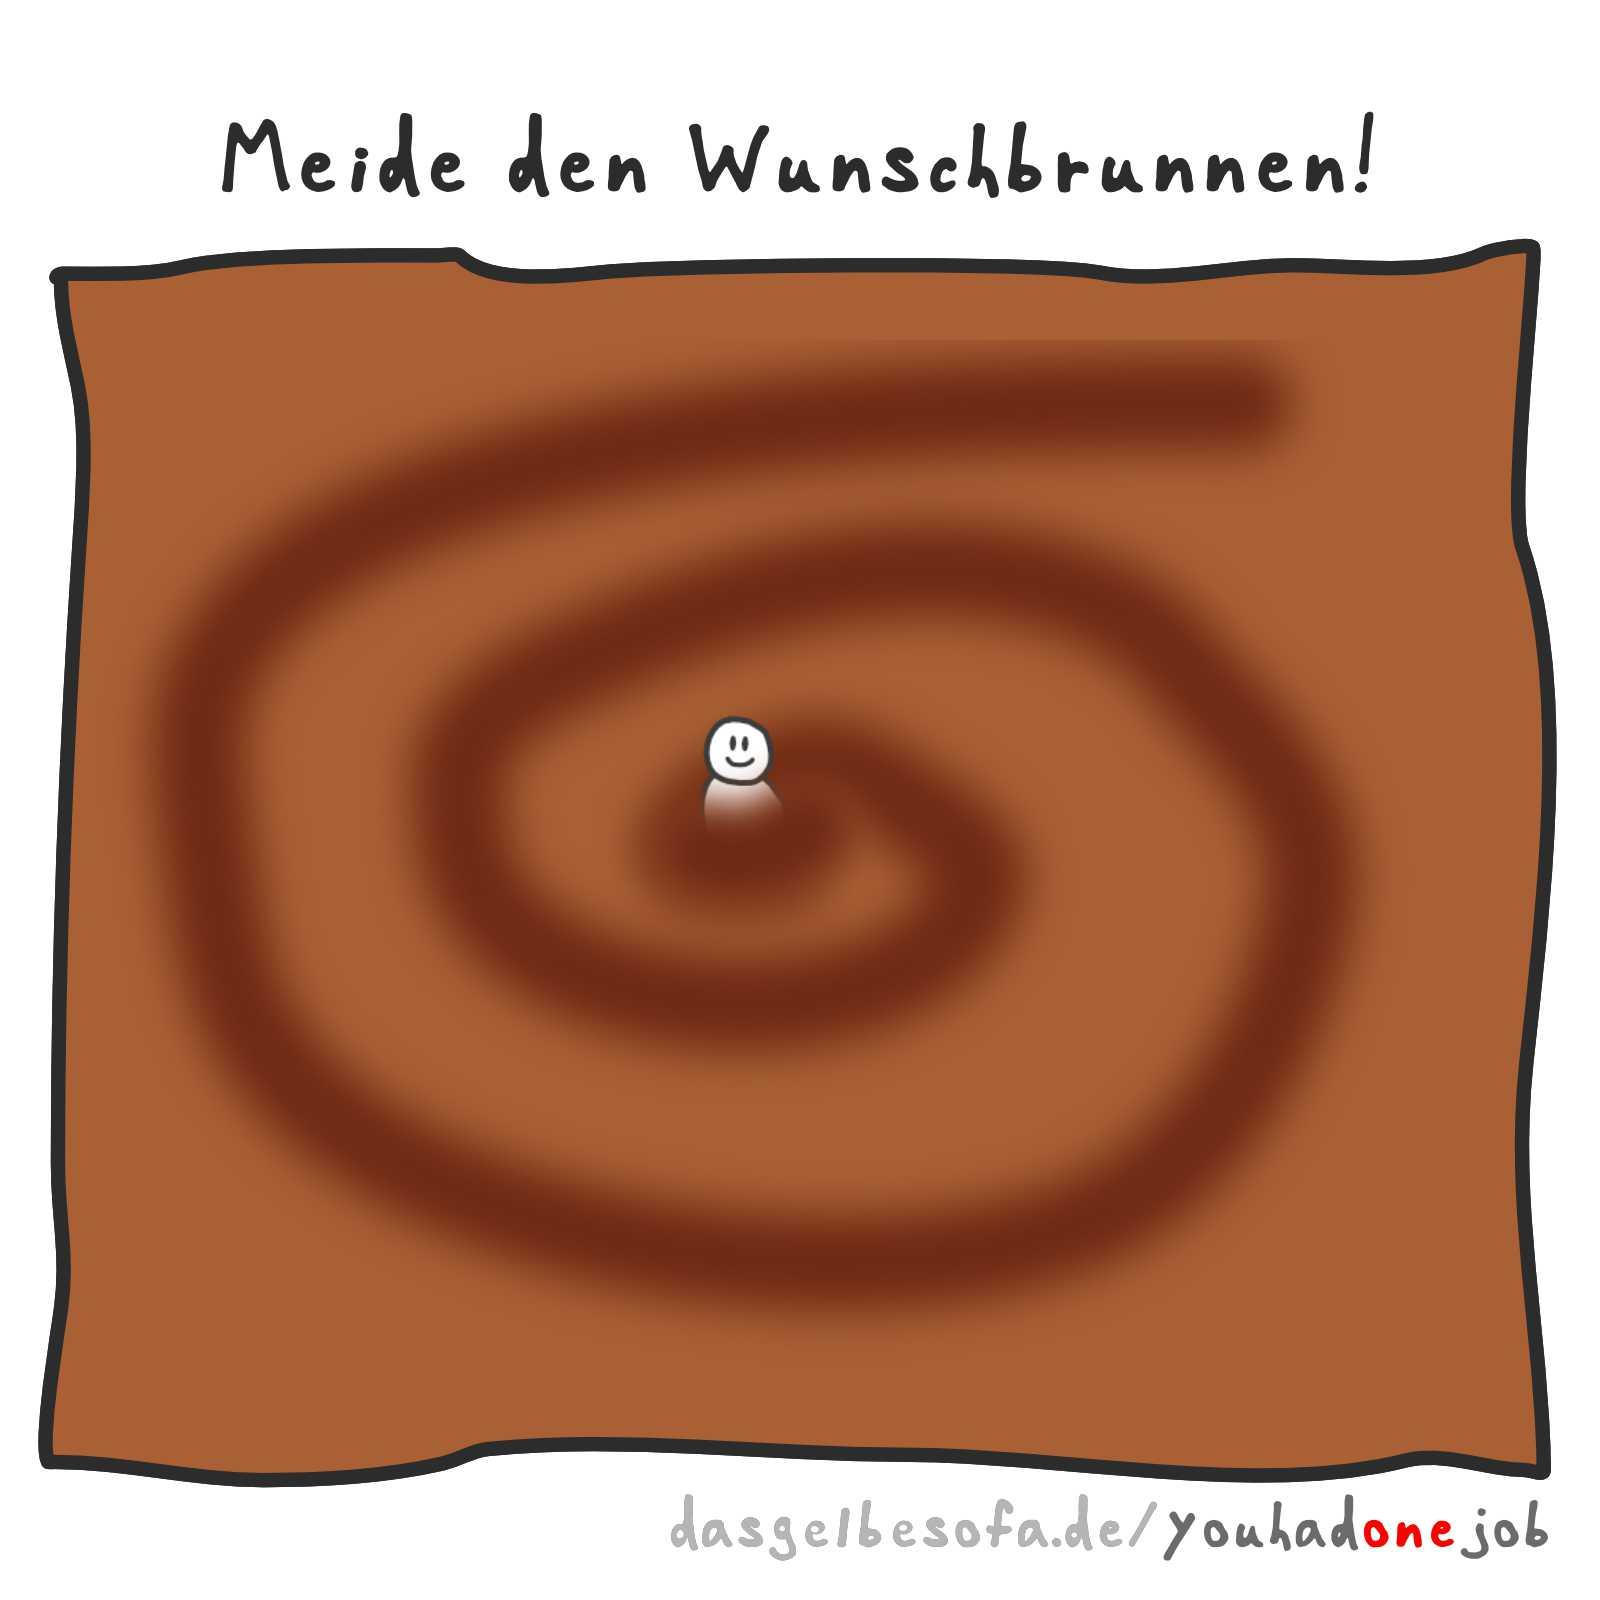 Wunschbrunnen   You Had One Job — Das Spiel